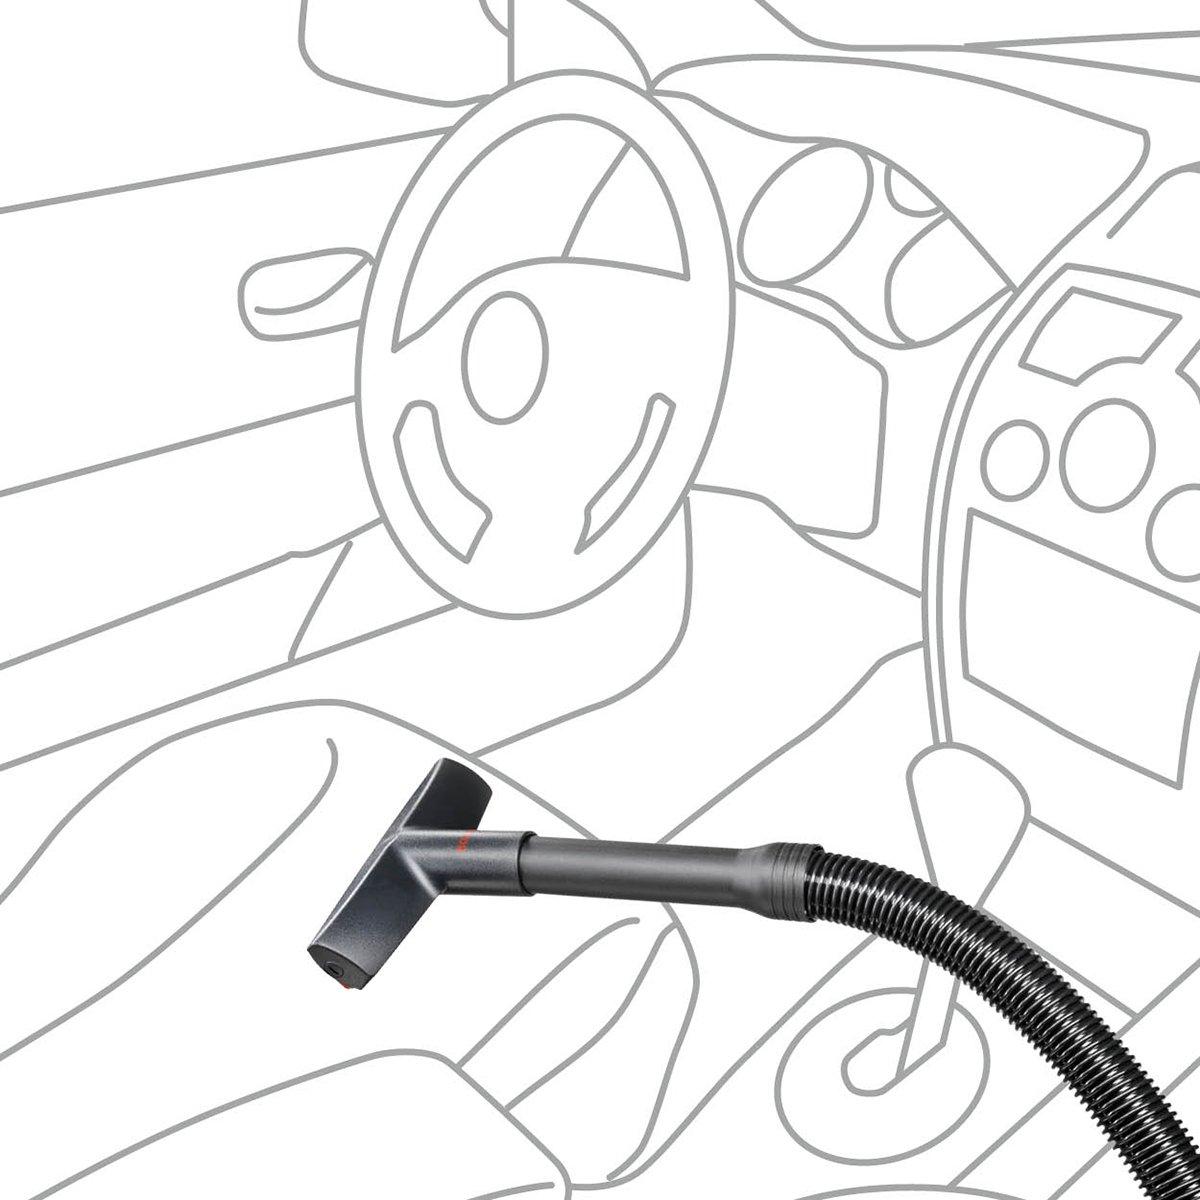 Bosch BHZPROKIT Kit de accesorios para aspiradora 7800 W Pl/ástico Negro